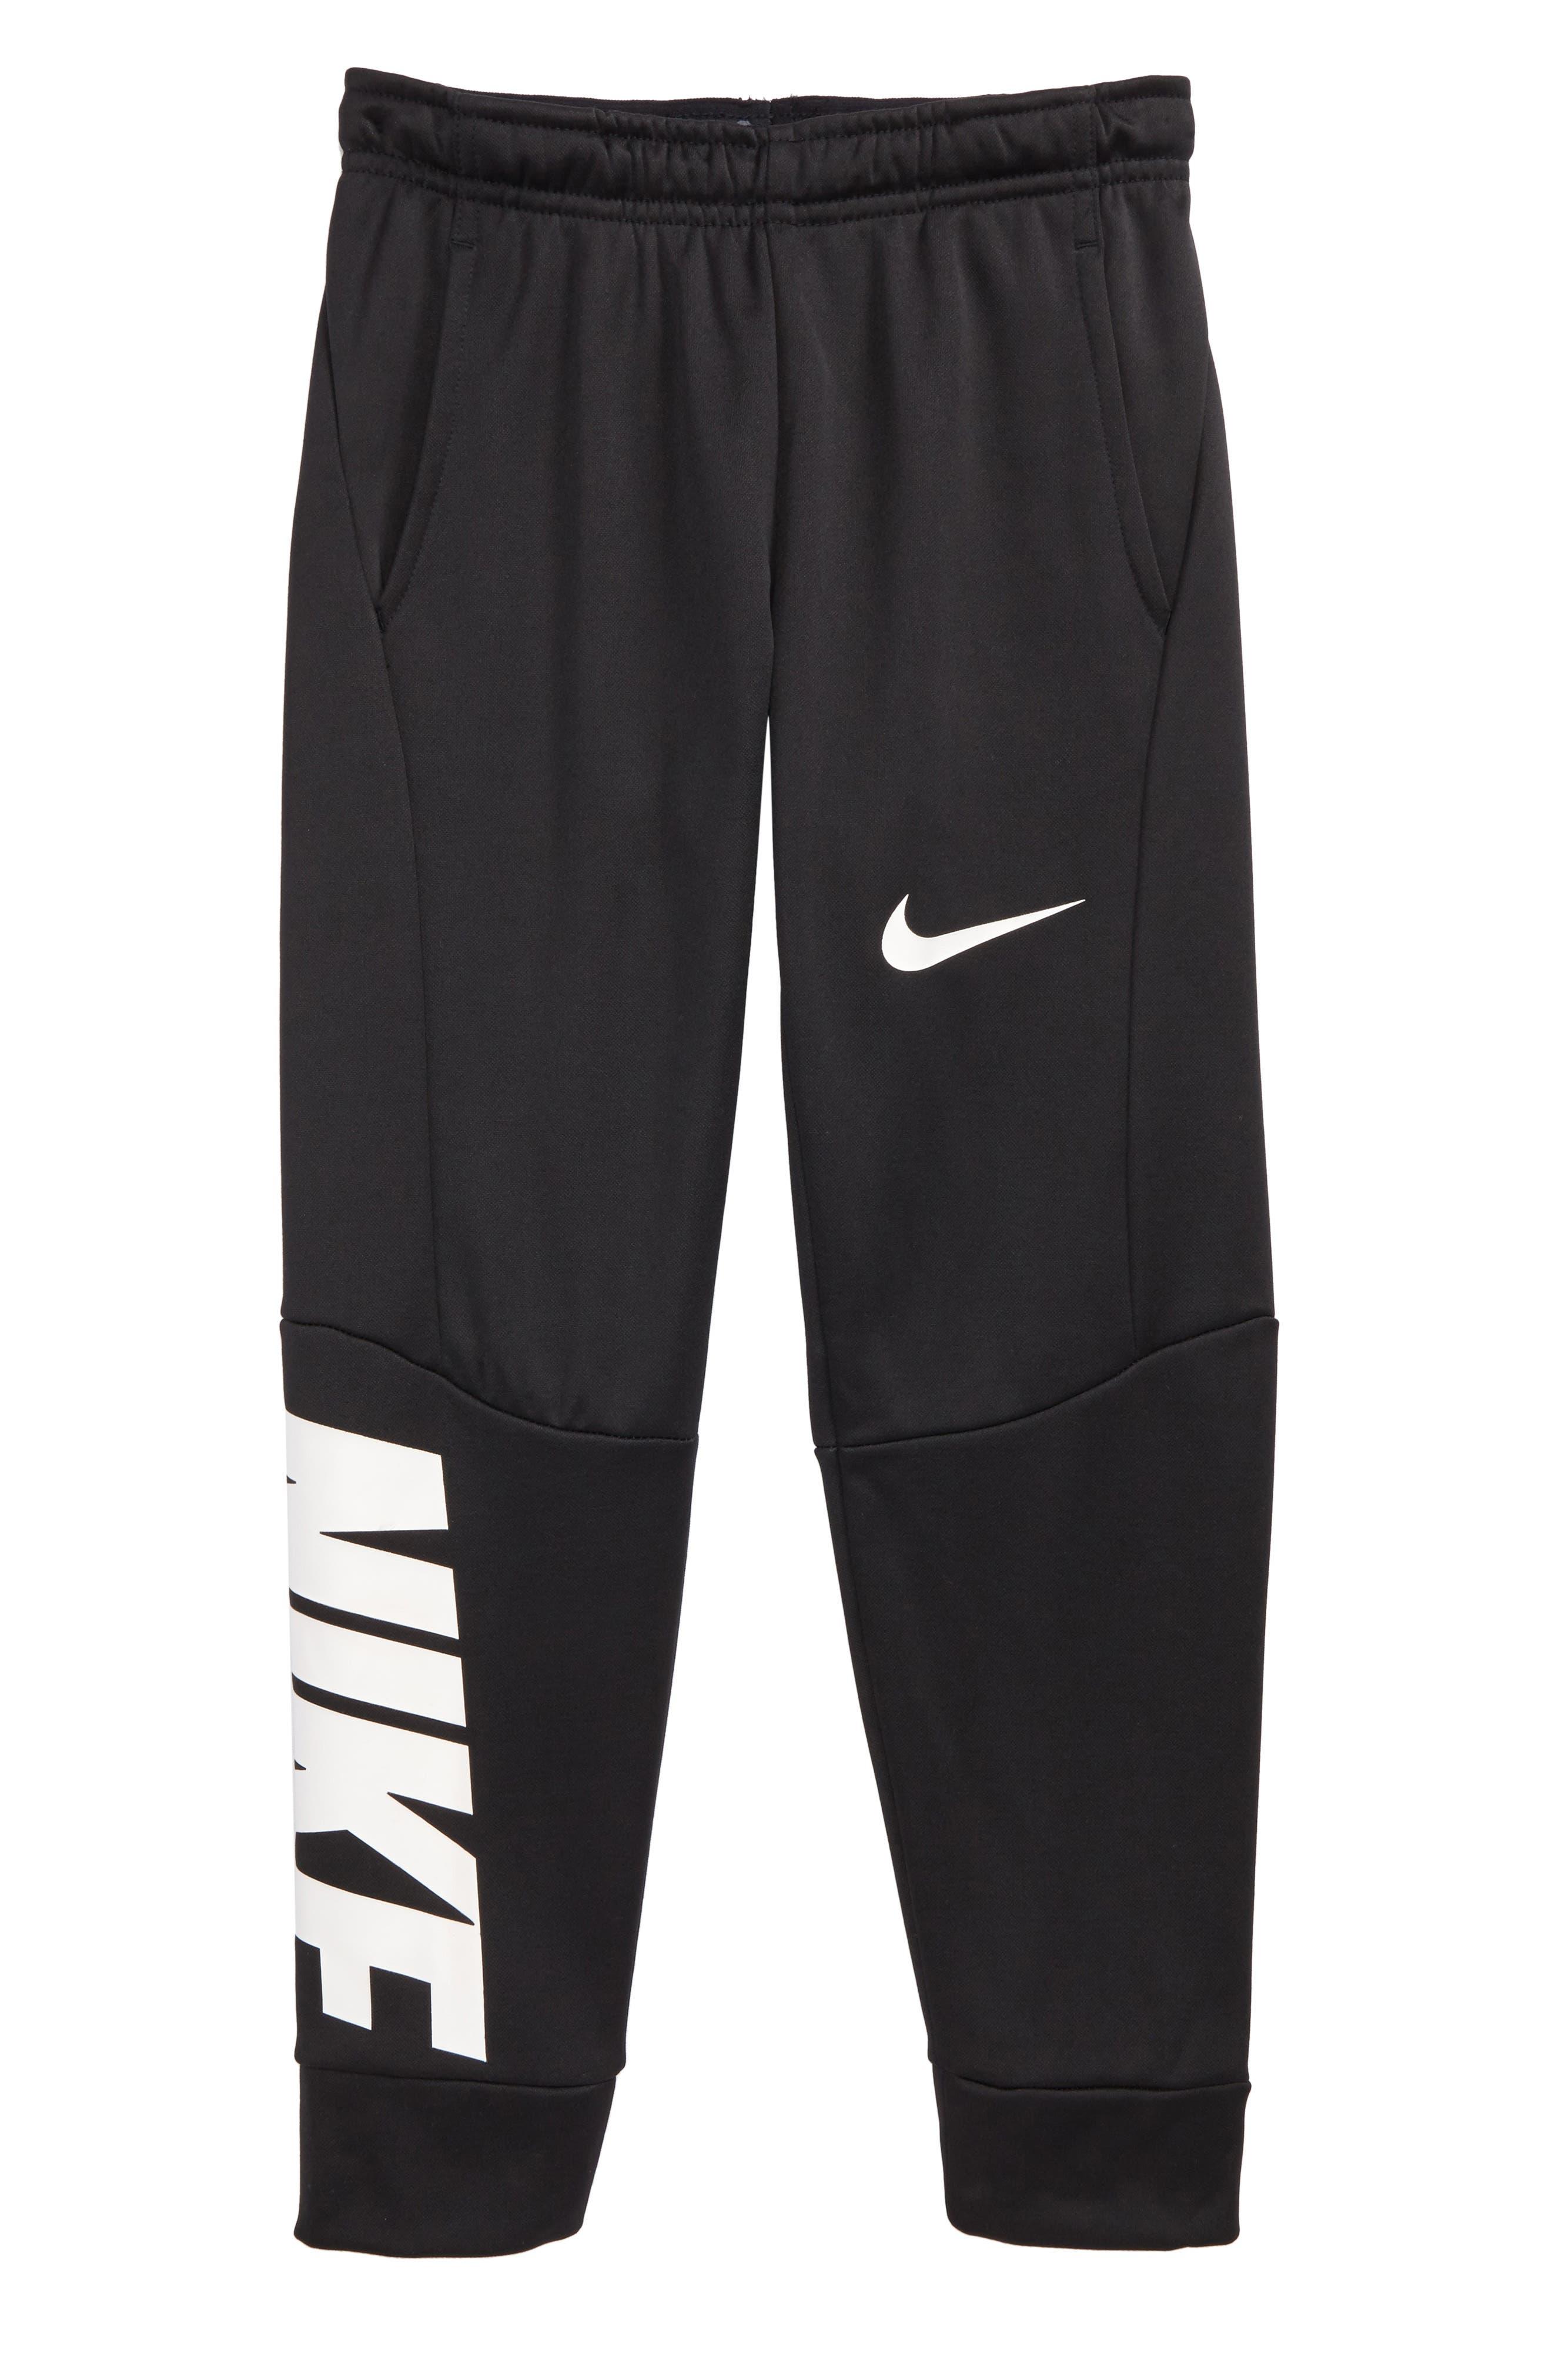 Therma-FIT GFX Fleece Jogger Pants,                         Main,                         color, Black/ Carbon Heather